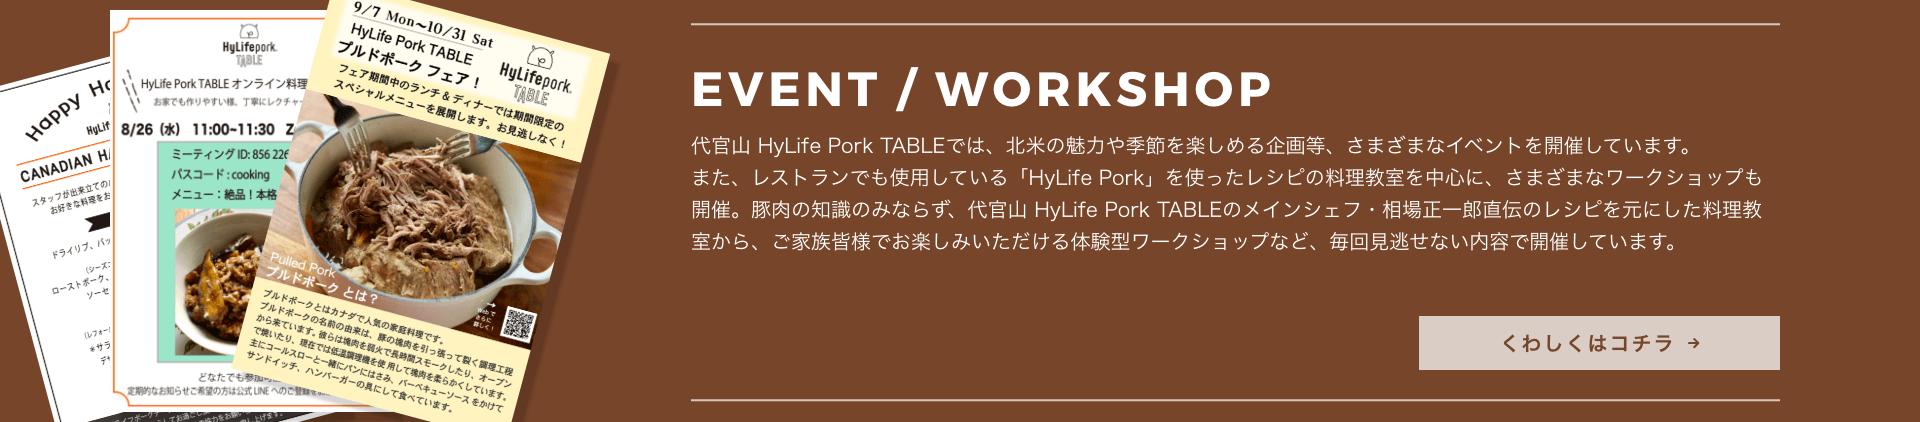 [WORKSHOP] 代官山 HyLife Pork TABLEでは、カナダの魅力や季節を楽しめる企画等、さまざまなイベントを開催しています。また、レストランでも使用している「HyLife Pork」を使ったレシピの料理教室を中心に、さまざまなワークショップも開催。豚肉の知識のみならず、代官山 HyLife Pork TABLEのメインシェフ・相場正一郎直伝のレシピを元にした料理教室から、ご家族皆様でお楽しみいただける体験型ワークショップなど、毎回見逃せない内容で、毎週開催しています。 くわしくはコチラ